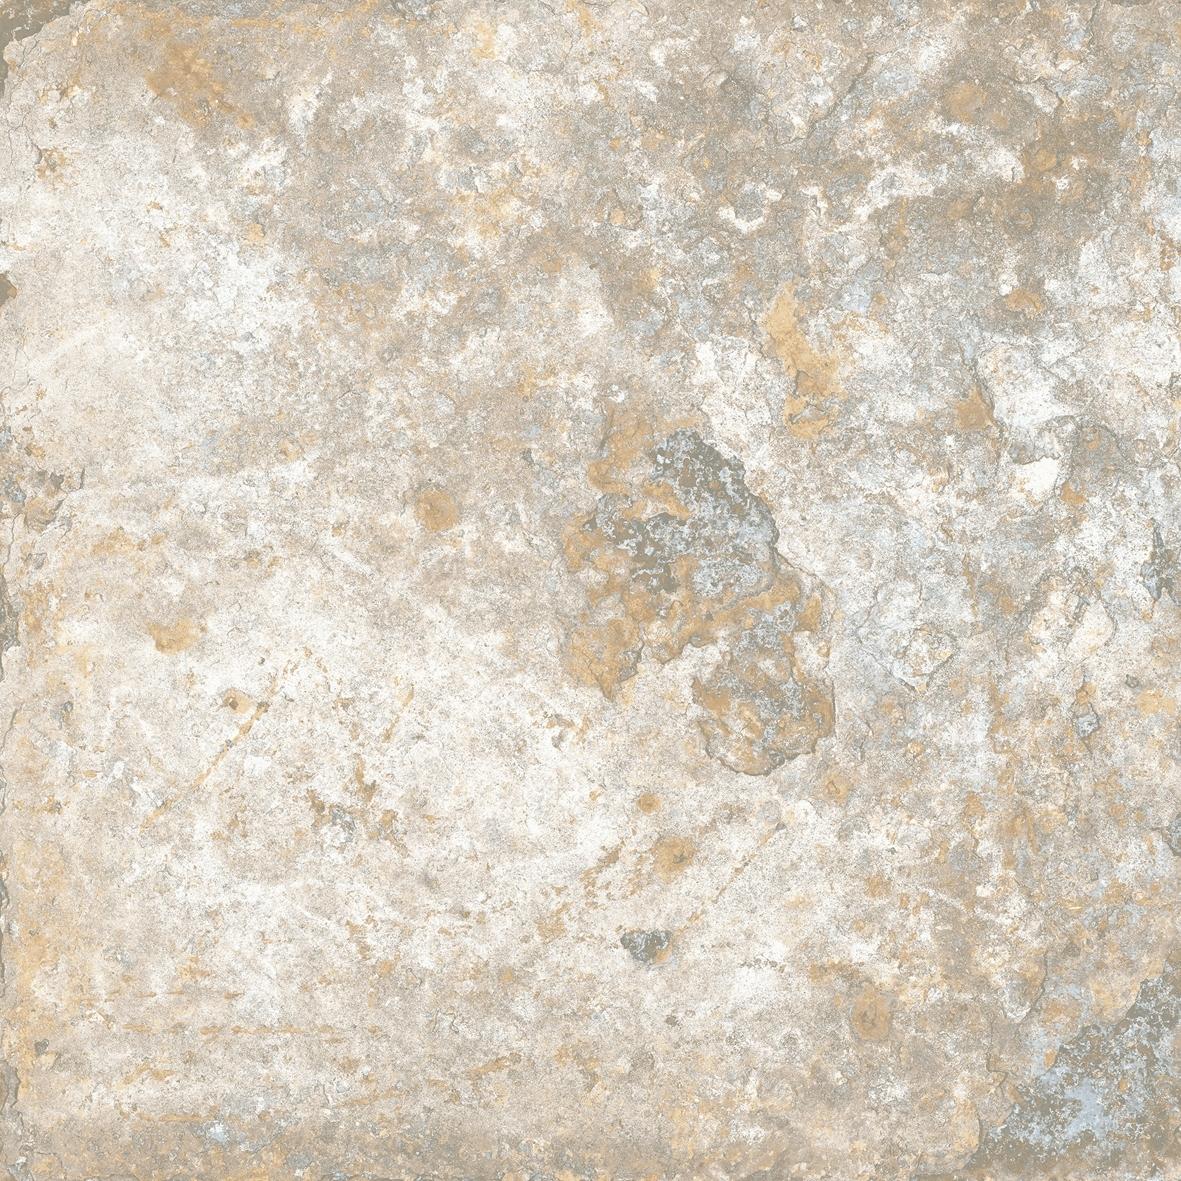 Voyager - Con la collezione Voyager, Refin ci accompagna in un viaggio che ha inizio dalla città di Genova e dal suo porto, strategico snodo commerciale dal quale esploratori, avventurieri e mercanti si imbarcavano per raggiungere il Nuovo Mondo, l'America. Proprio dal porto di Genova Refin ha tratto ispirazione per la collezione, recuperando le basi d'appoggio in metallo per ponti mobili e pedane, invecchiate e arrugginite dalla salsedine e dal tempo. Il viaggio prosegue oltre oceano alla scoperta degli edifici vittoriani che caratterizzavano le architetture urbane del Nord America con le loro ampie finestre, le spaziose verande e le ricche formelle dai disegni geometrici o floreali che rivestivano i soffitti dei salotti dell'epoca. Dalla riscoperta di questi materiali ha preso vita la collezione Voyager, che traduce su ceramica elementi architettonici del passato racchiudendo in sé il fascino dell'avventura e le suggestioni dei lunghi viaggi dei secoli passati.